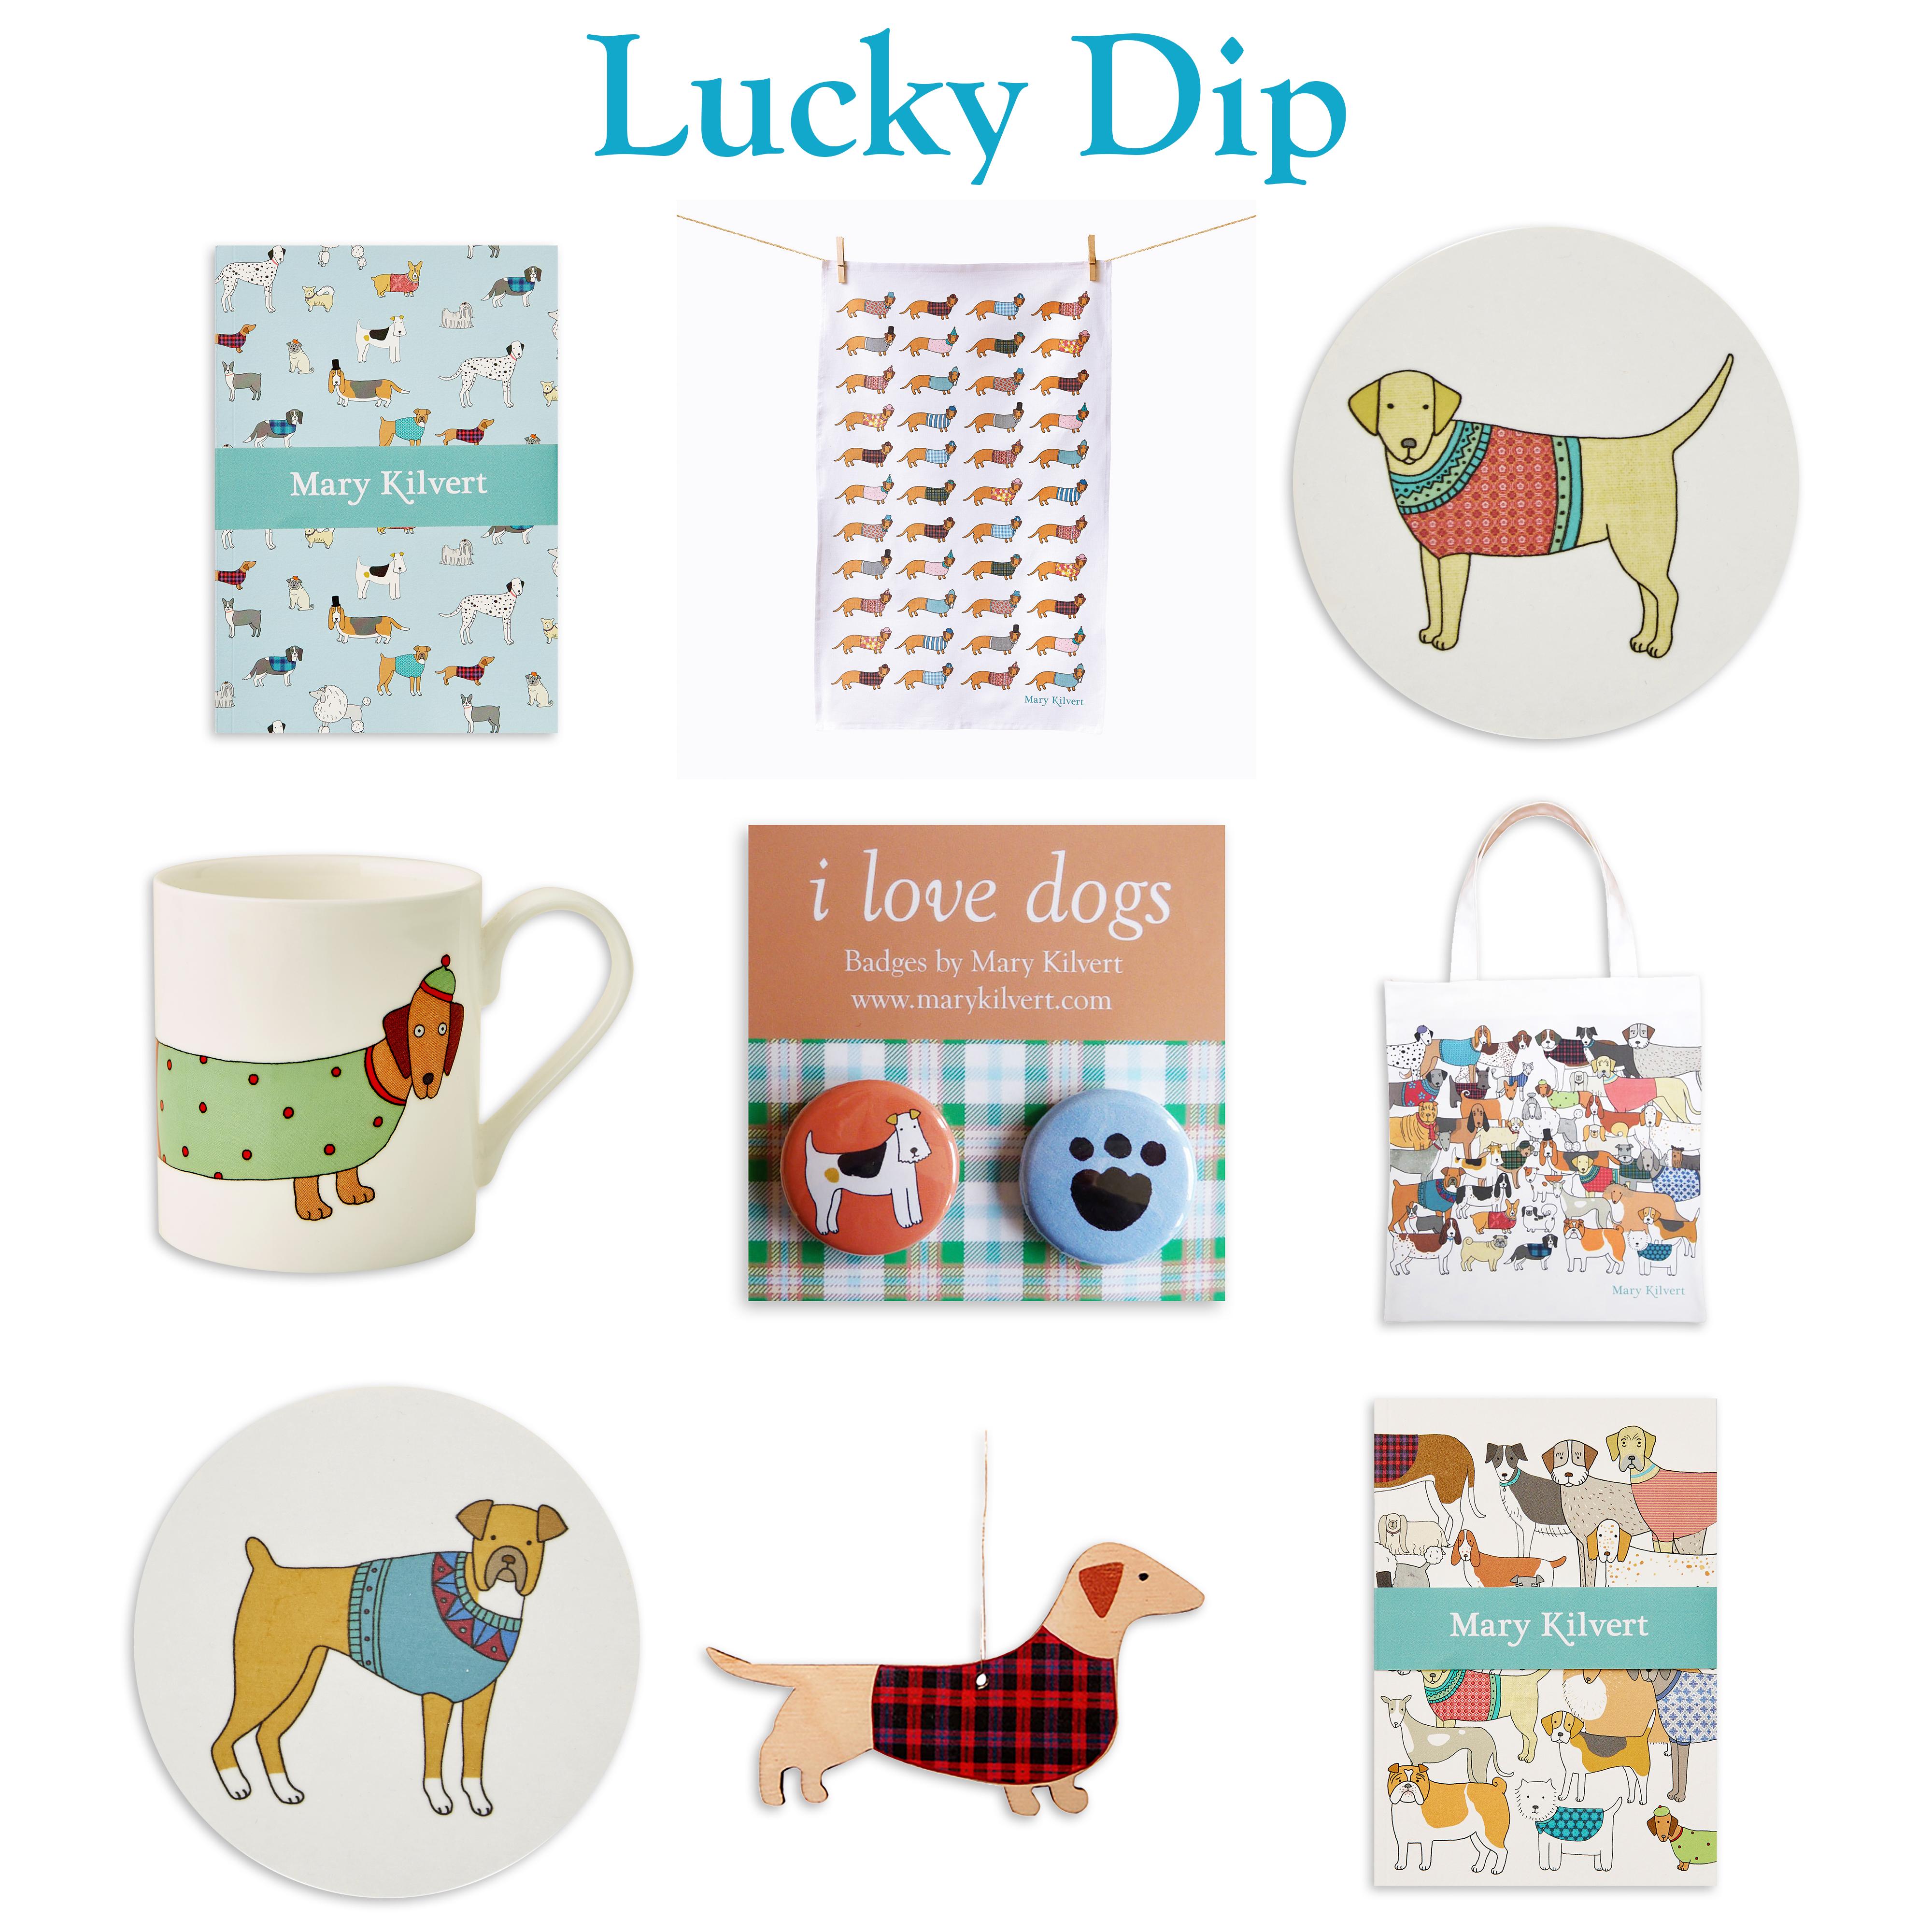 Lucky Dip Prizes